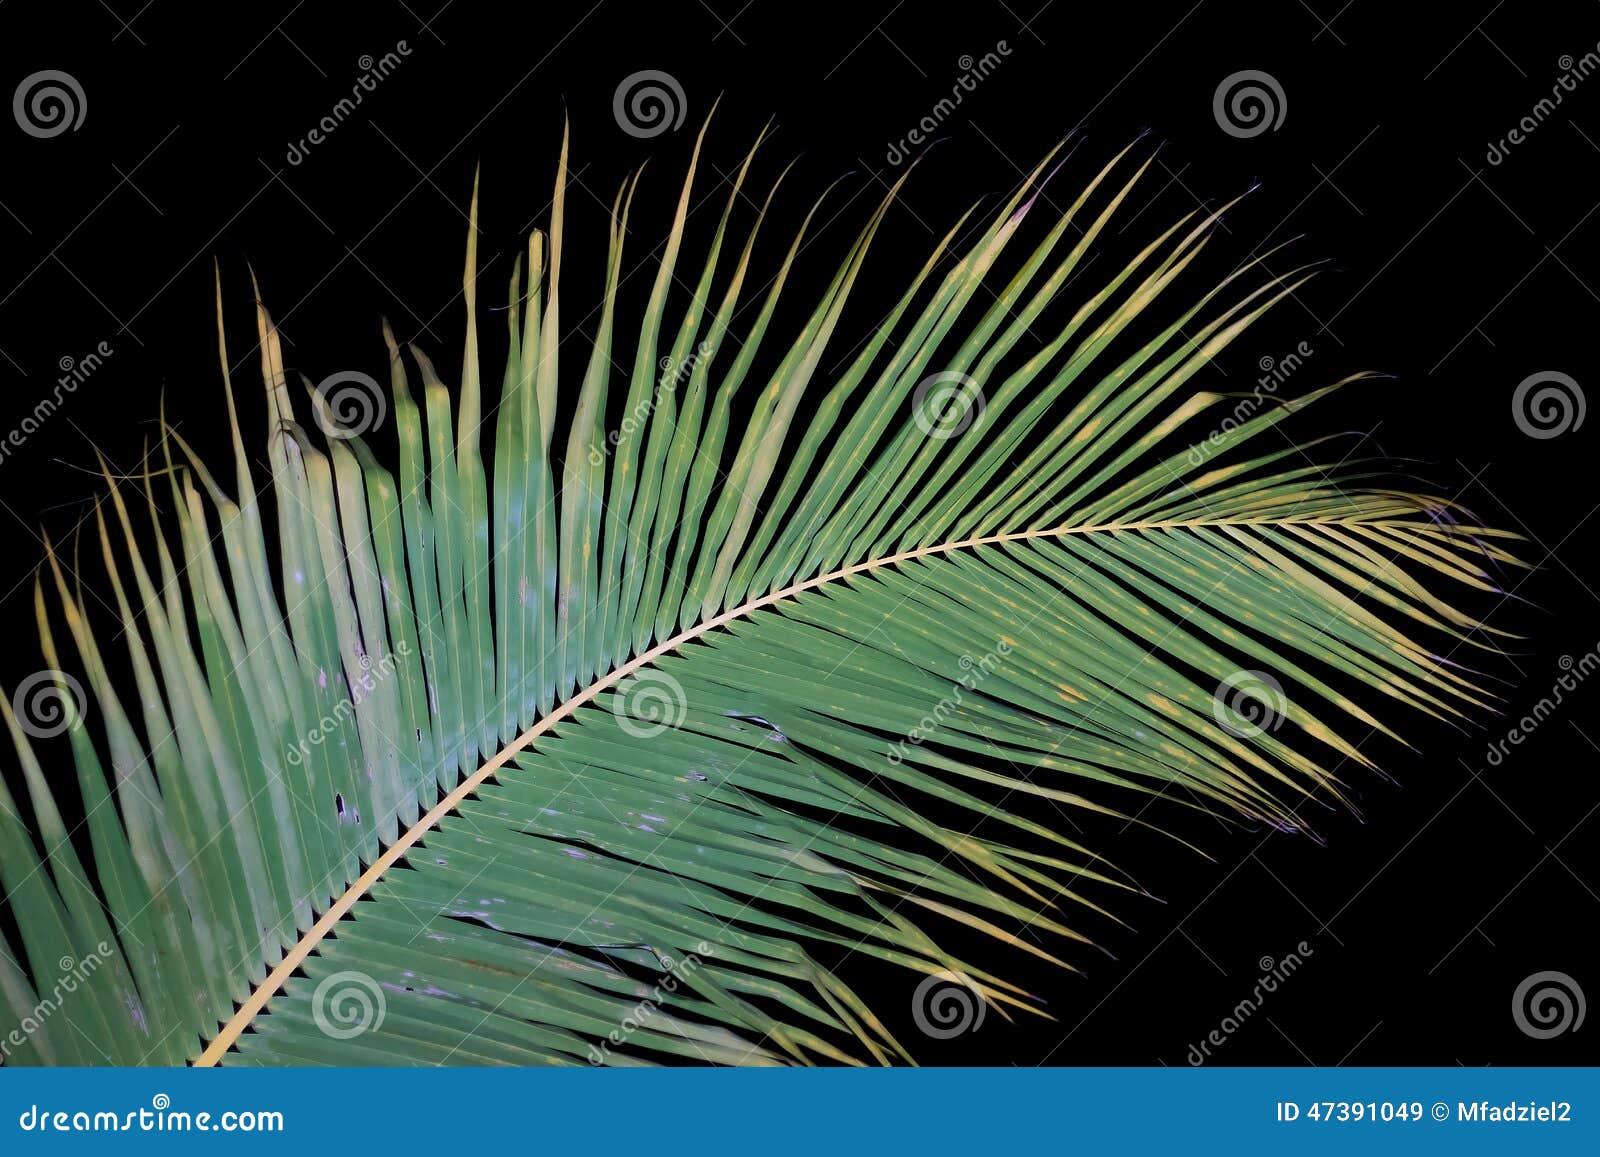 棕榈树叶子图片